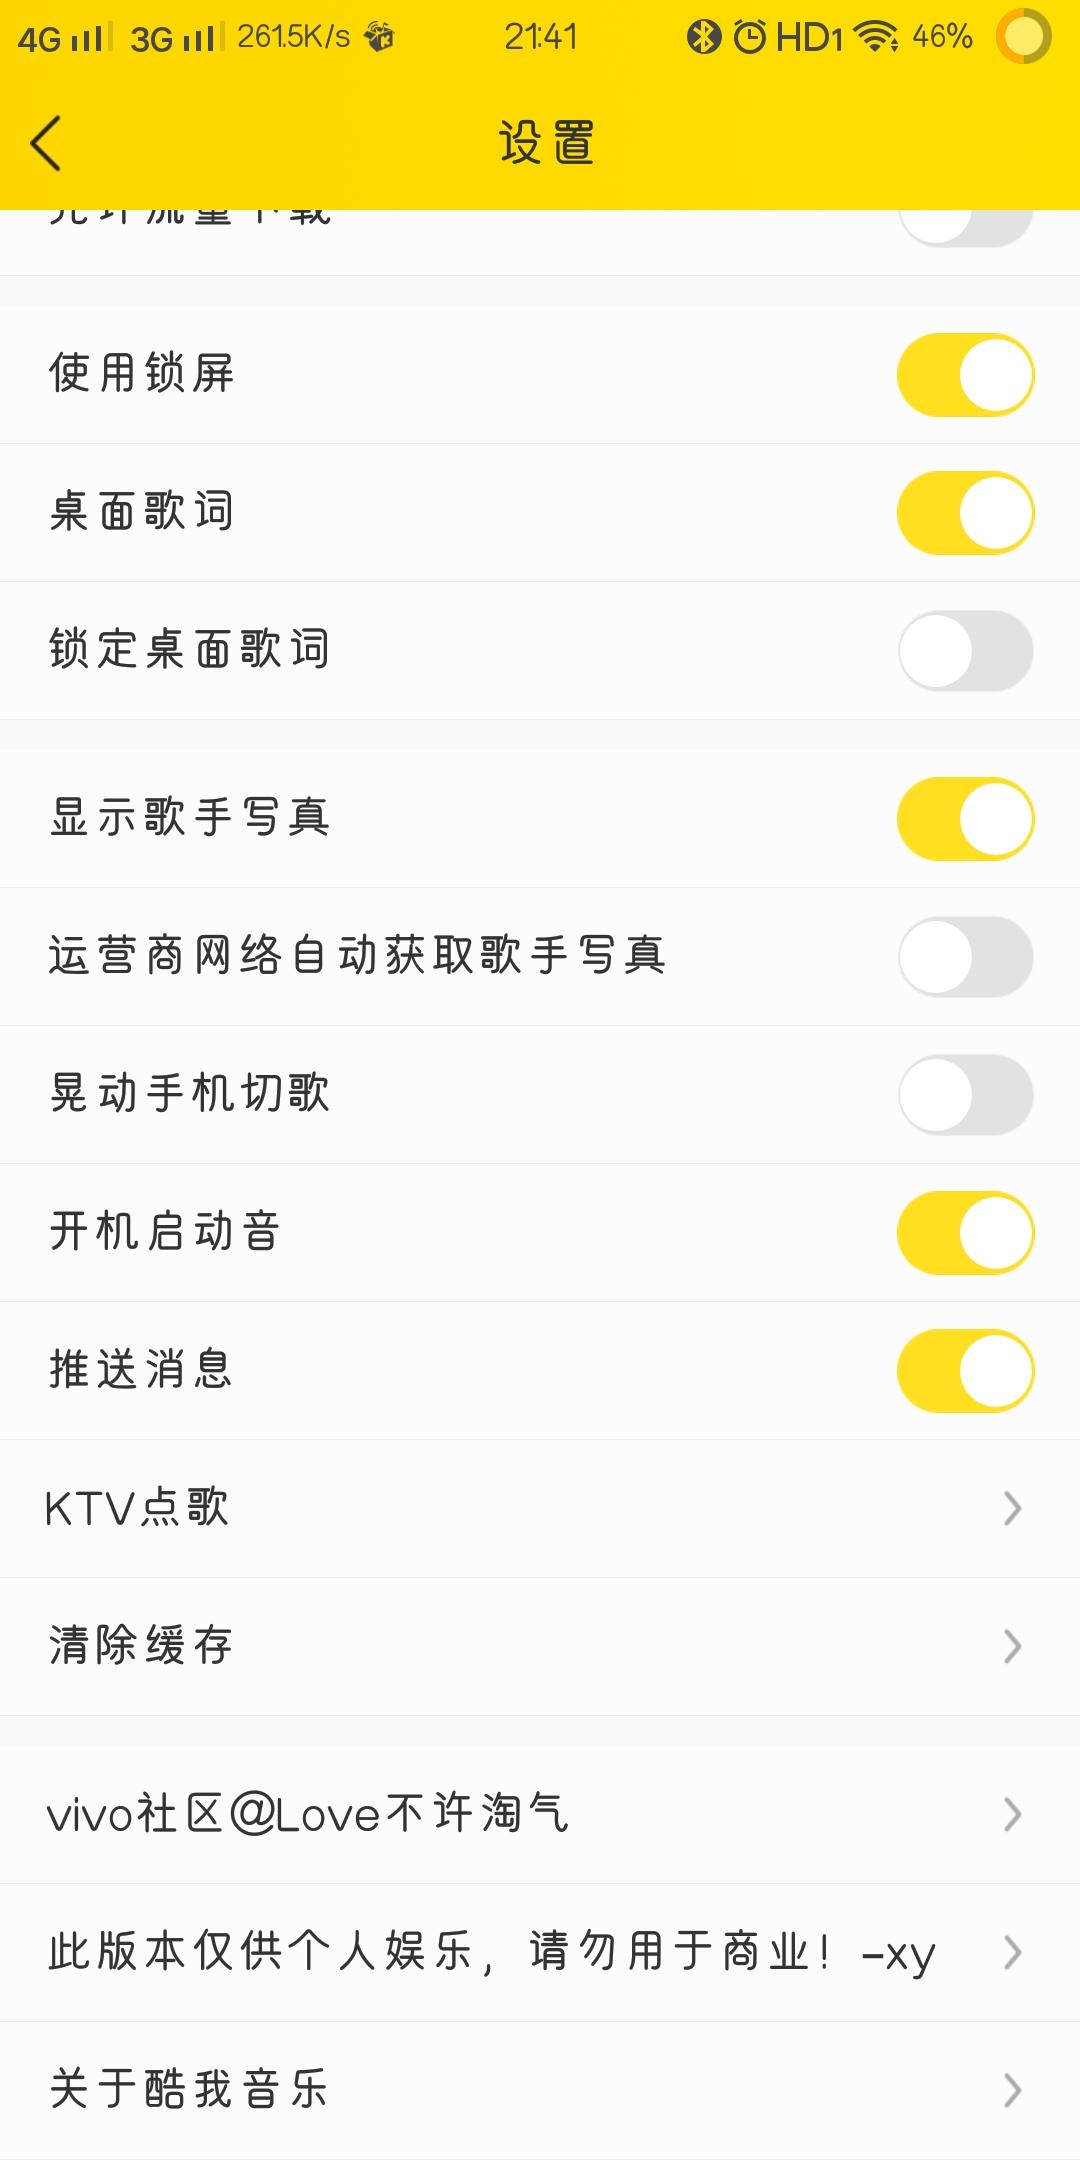 Screenshot_20181117_214114.jpg